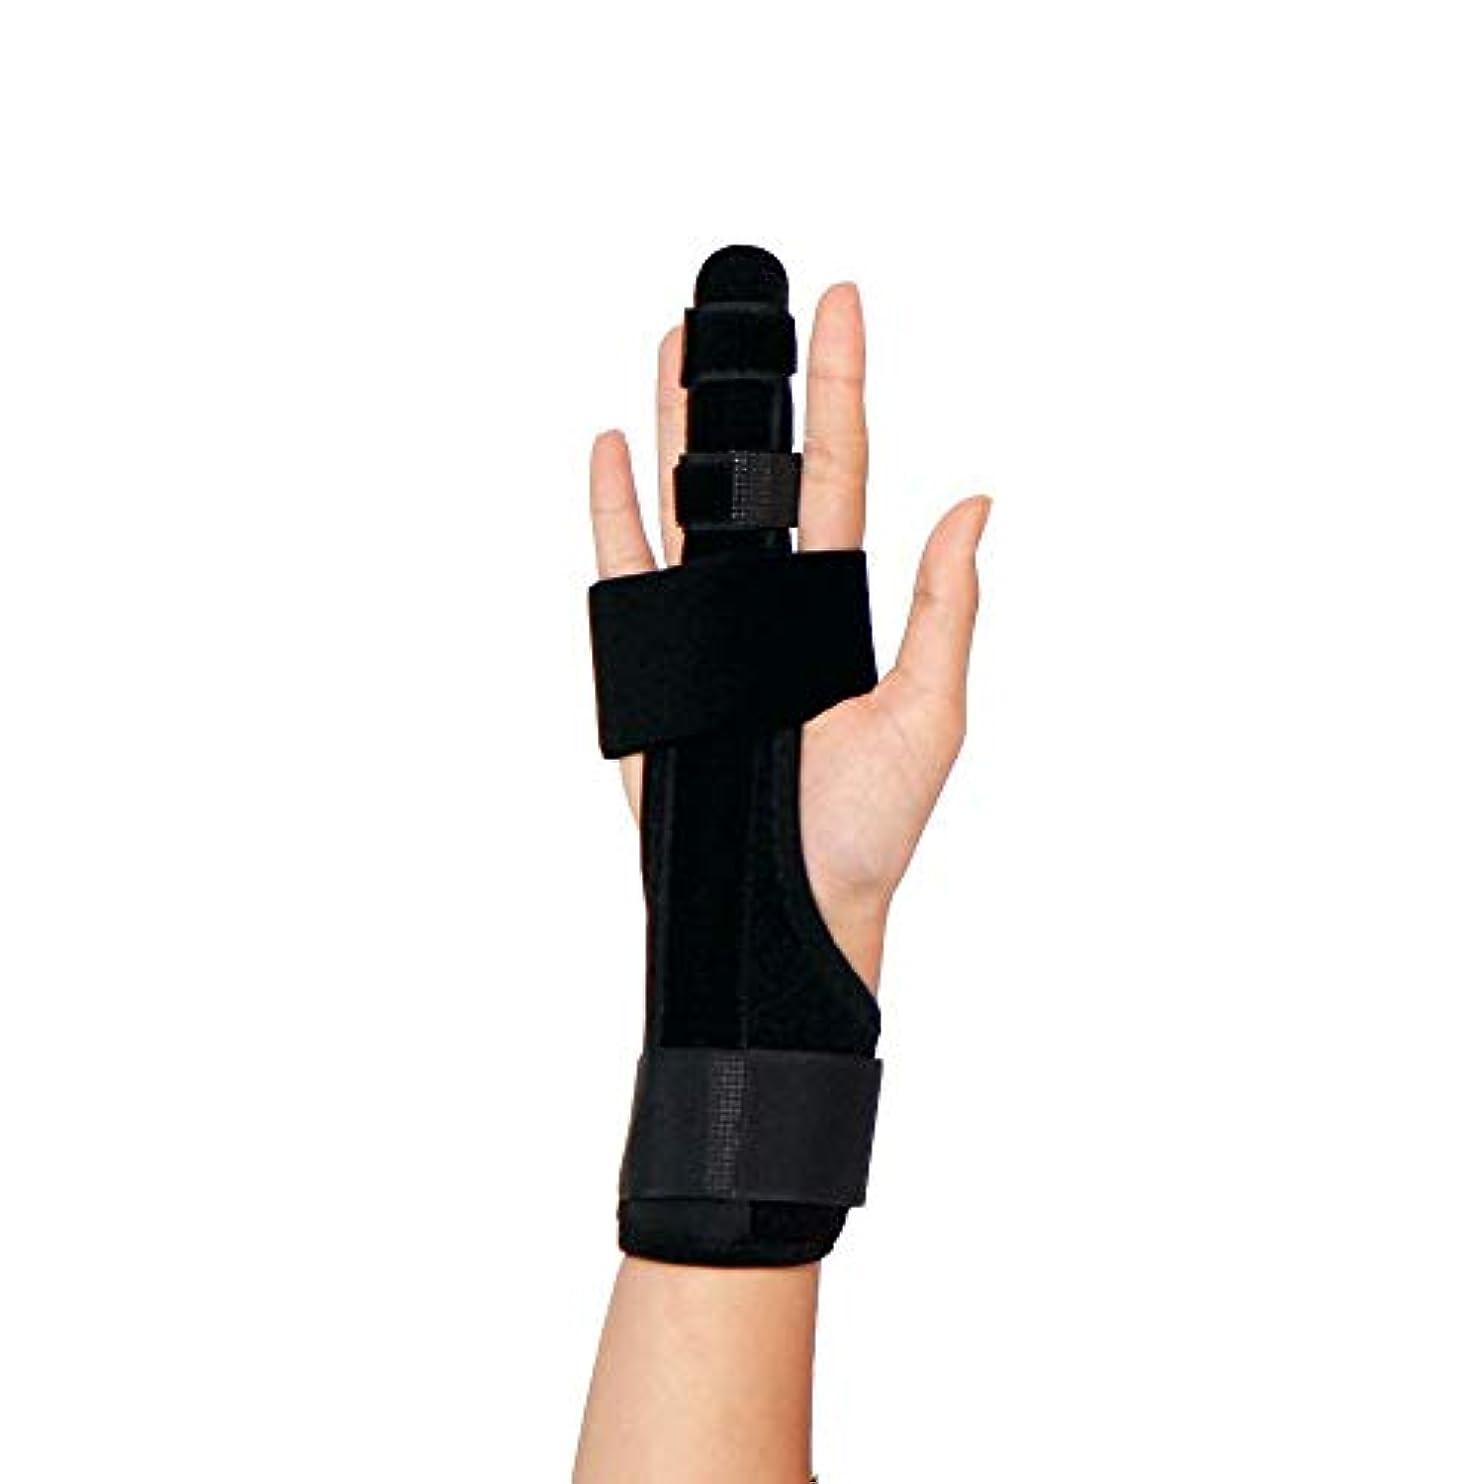 トリガーフィンガースプリントフィンガーブレース、折れた指用の快適なフィンガースプリント、曲がったマレットまたは関節炎の指関節用の調整可能なプロテクター